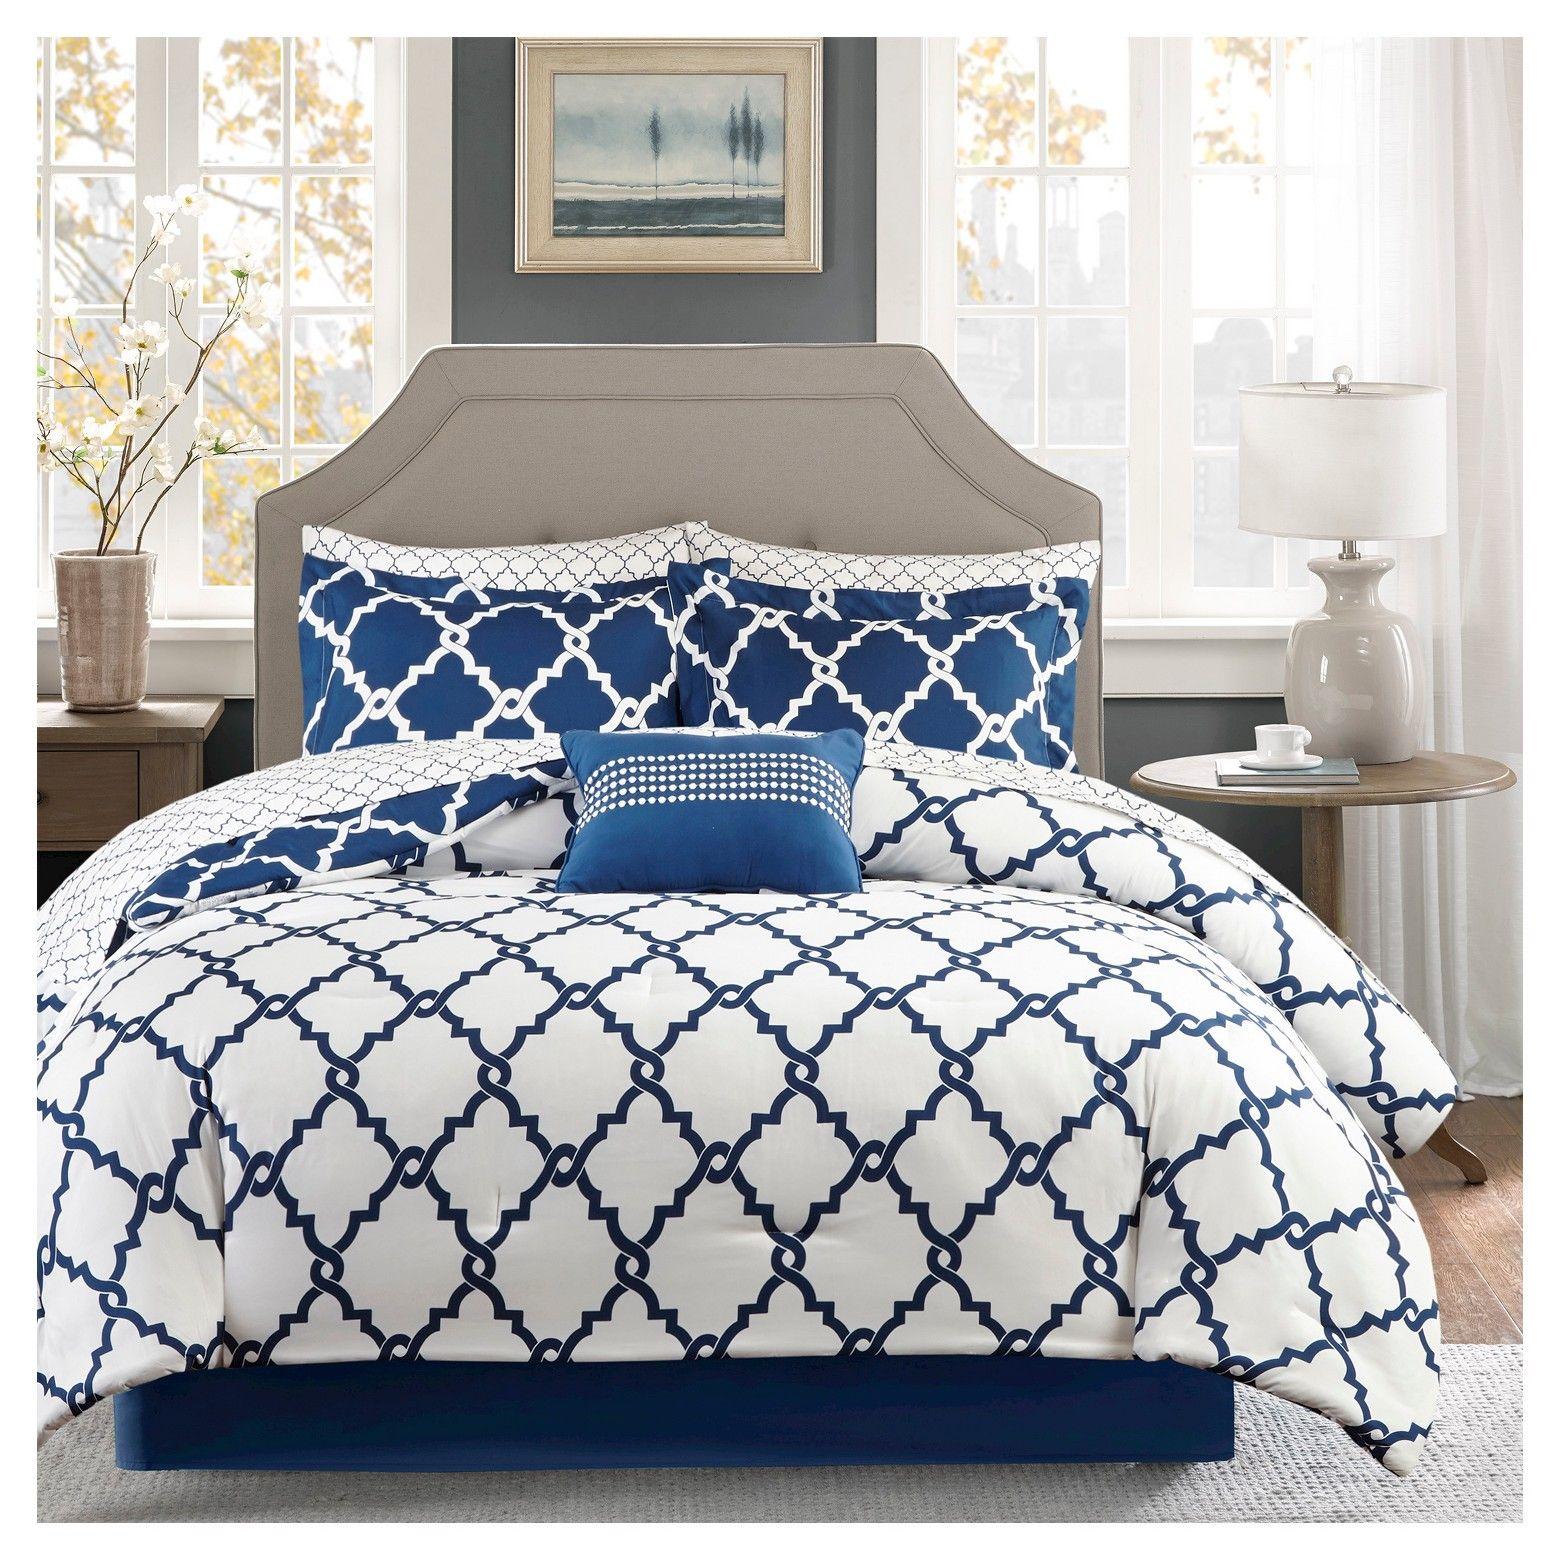 Becker Complete Comforter and Sheet Set Bedding sets